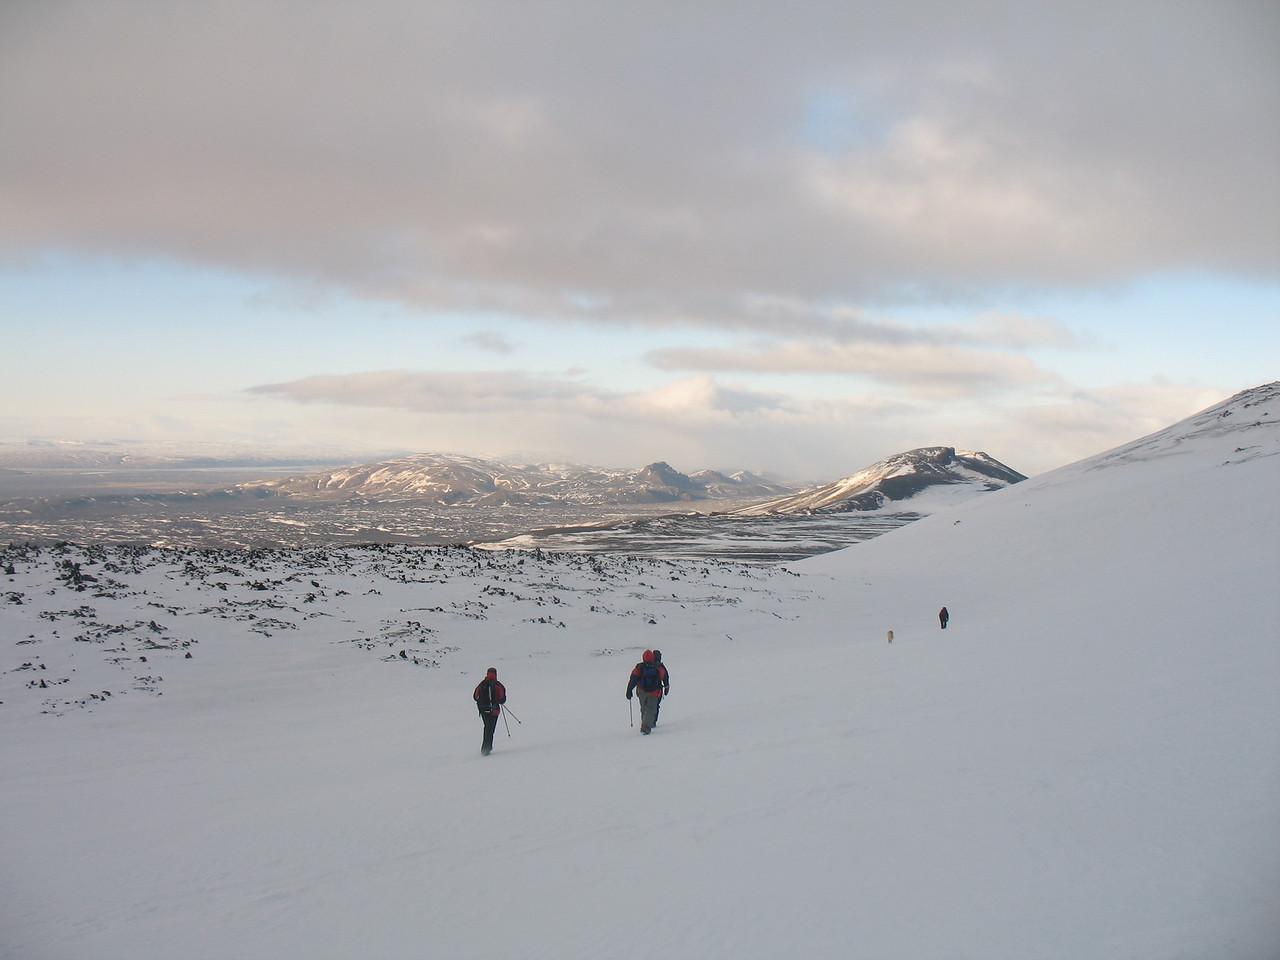 Á niðurleið, í baksýn Valafell, Valahnjúkar og Hestalda